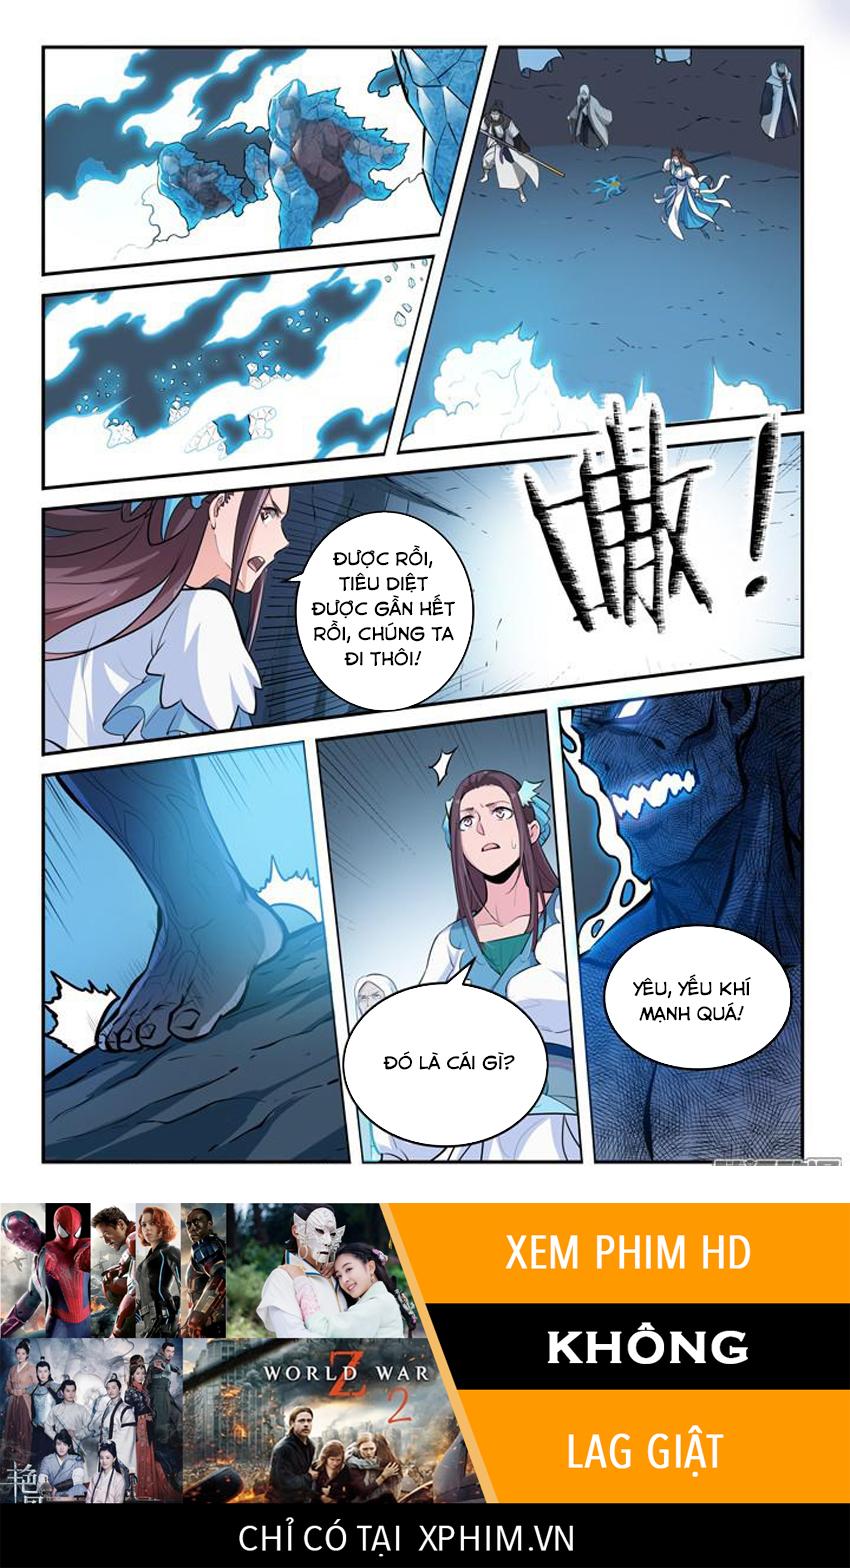 Bách Luyện Thành Thần Chương 201 - Truyentranhlh.com